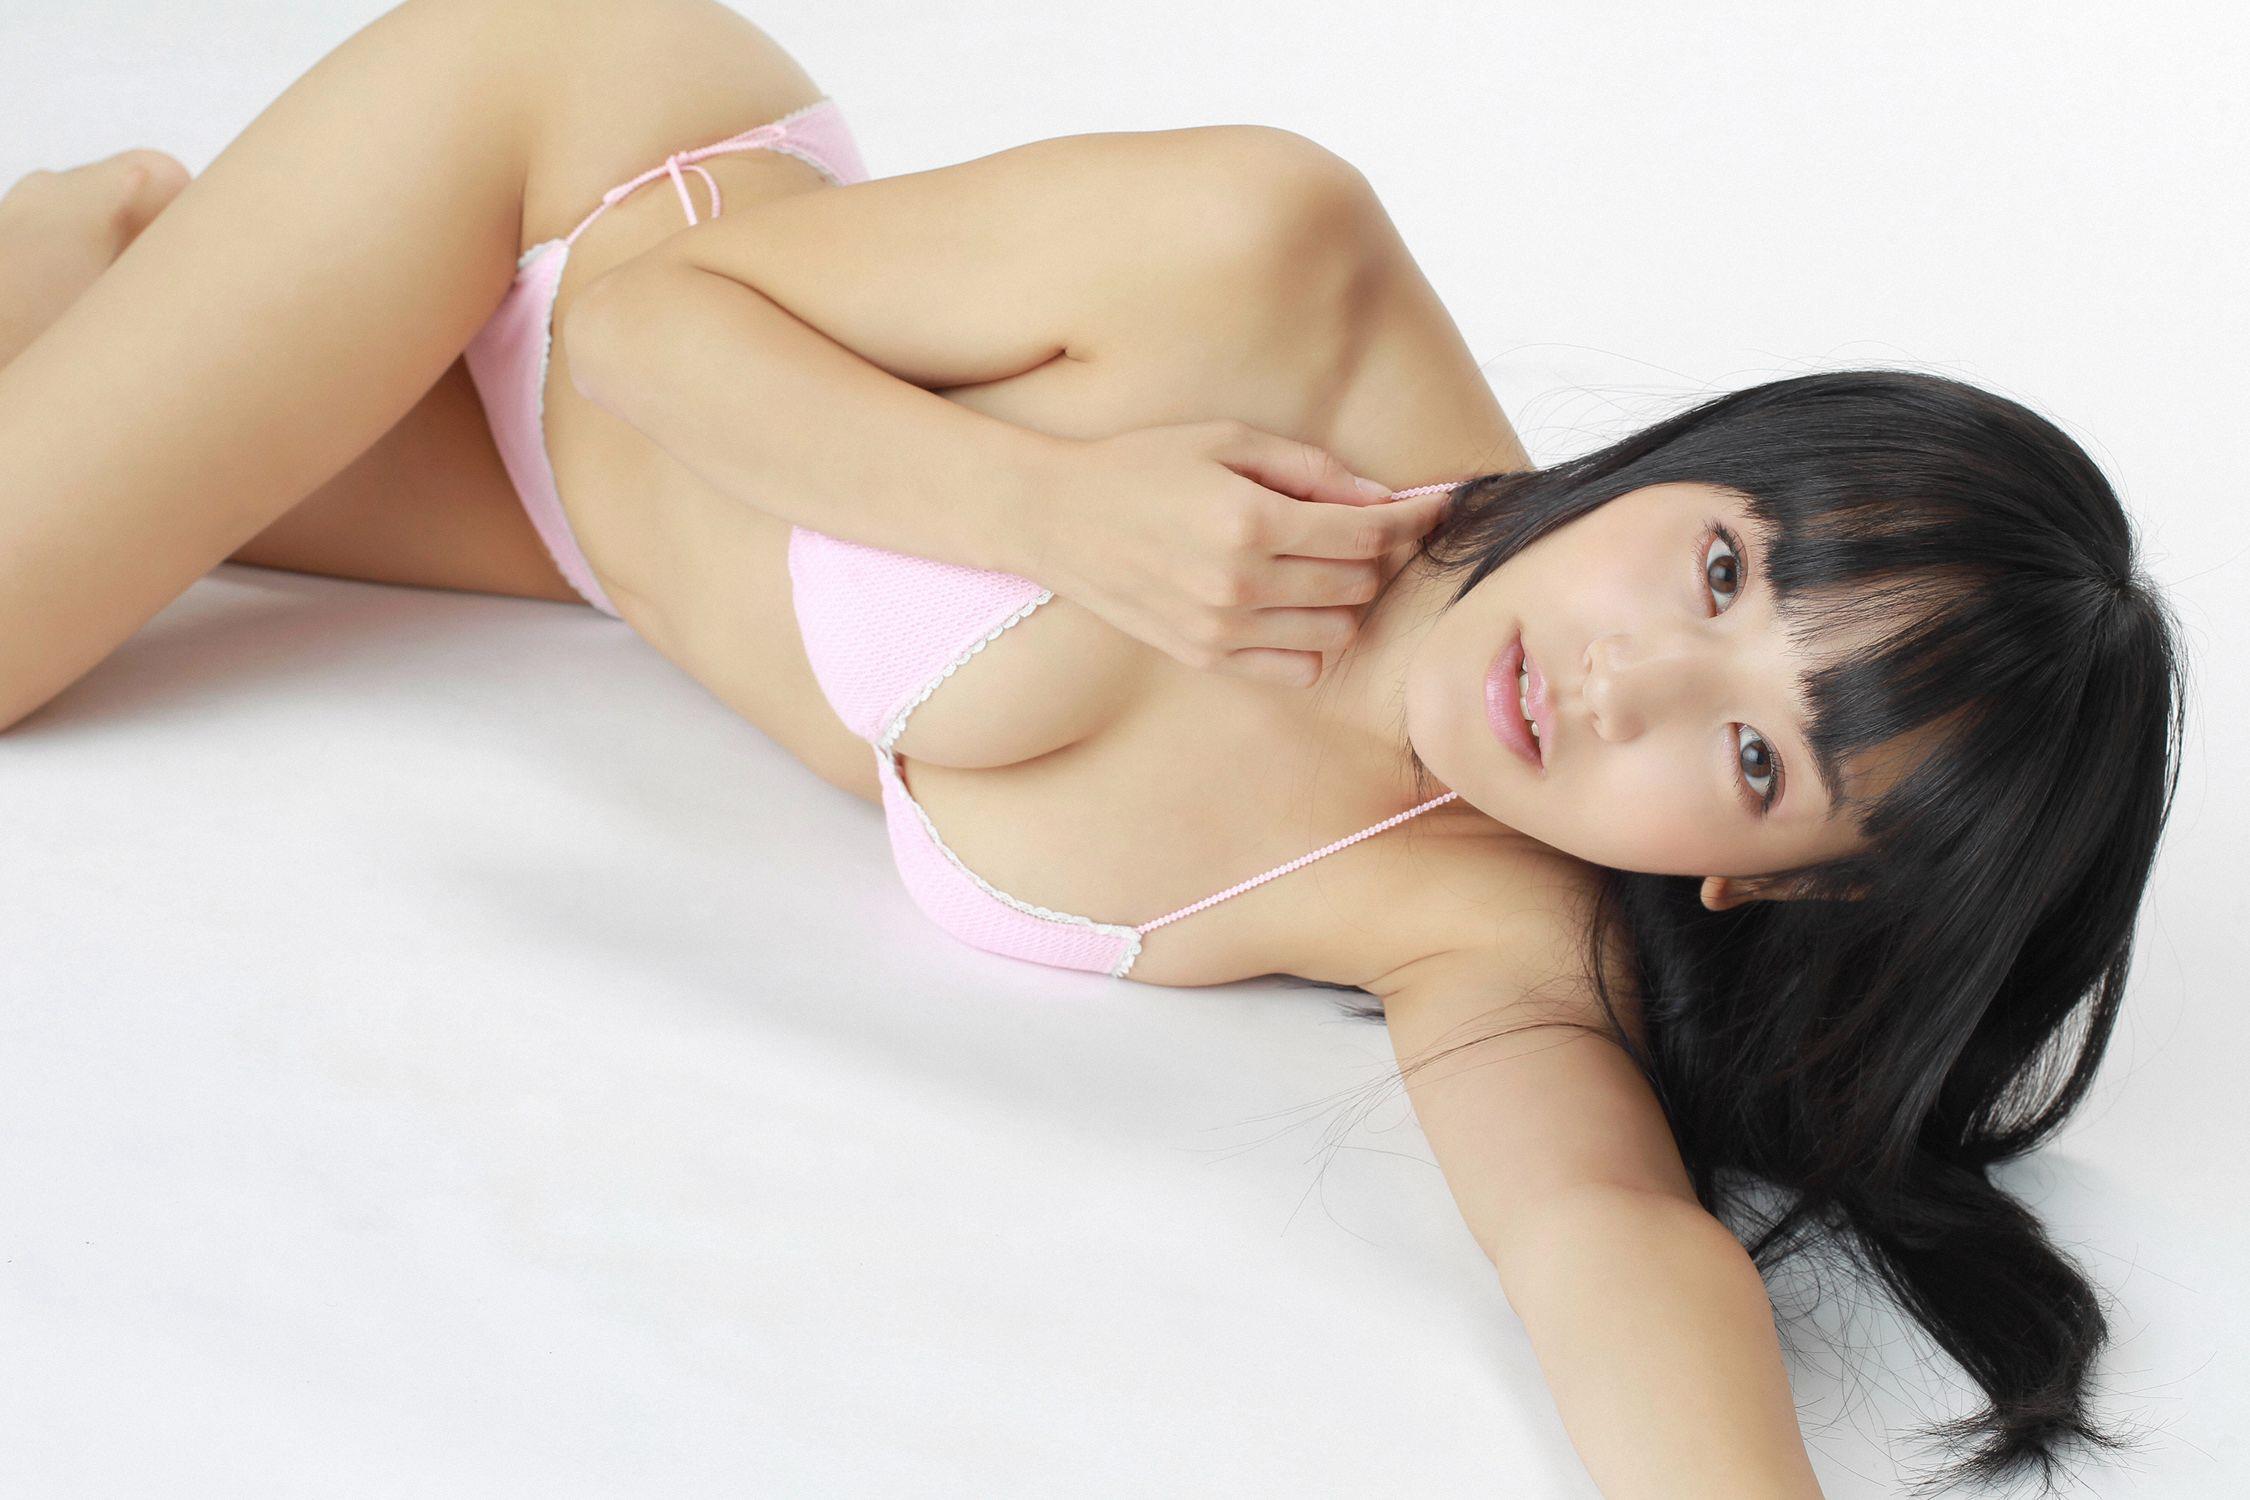 浜田由梨 画像 41